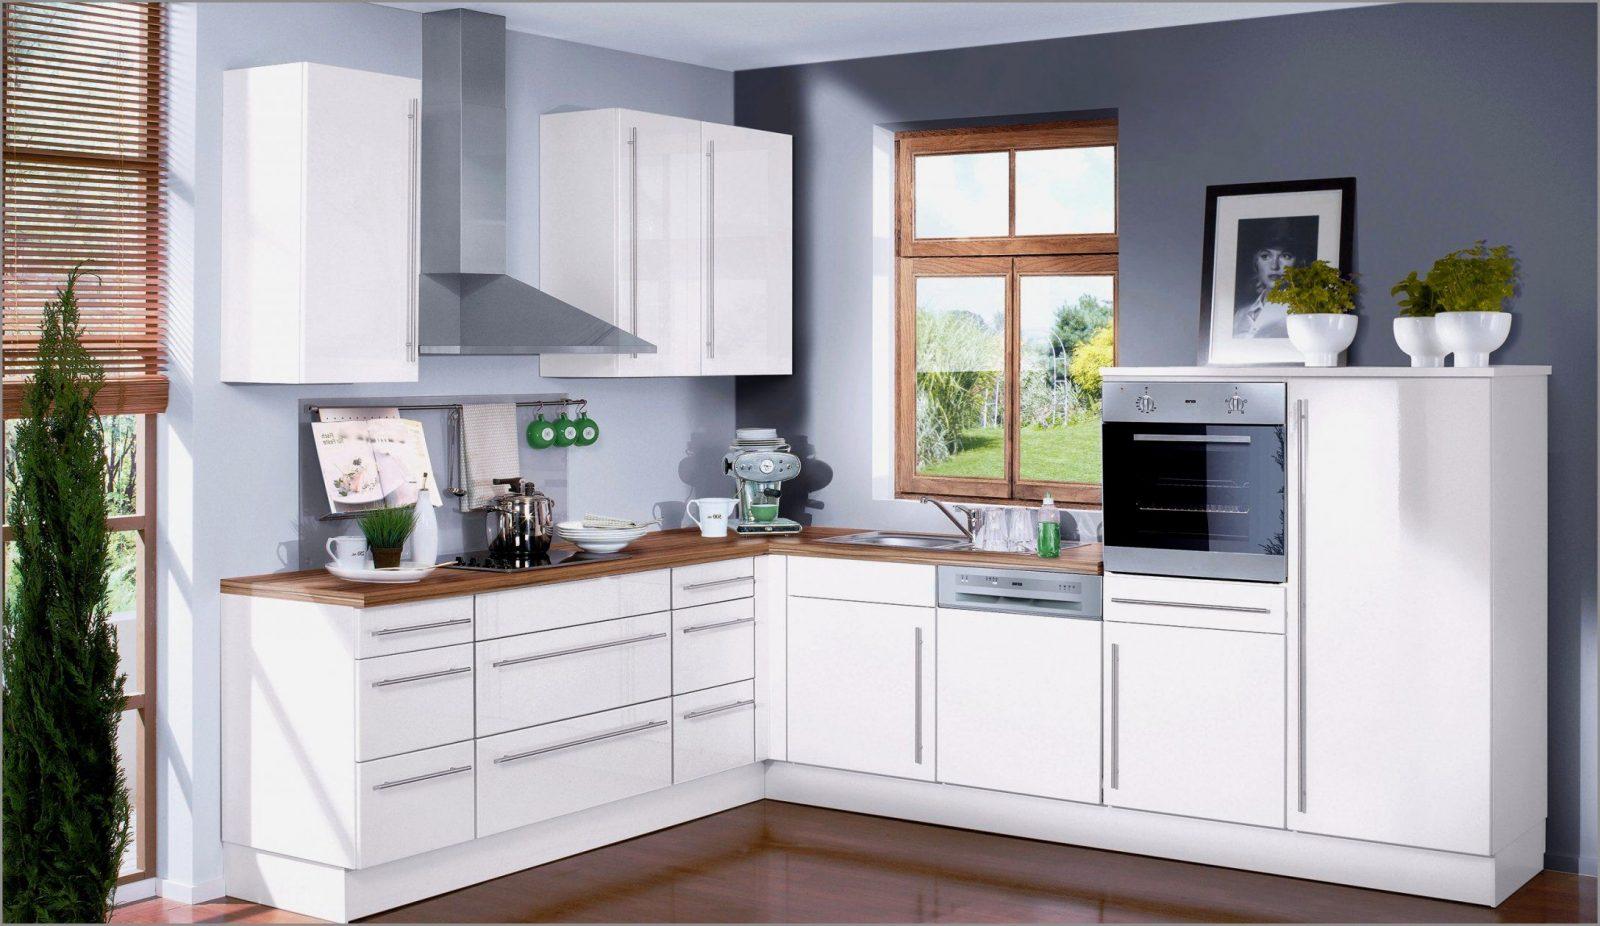 Großartig Küche Günstig Kaufen Gebraucht Bilder  Hauptinnenideen von Küchen Günstig Kaufen Gebraucht Bild